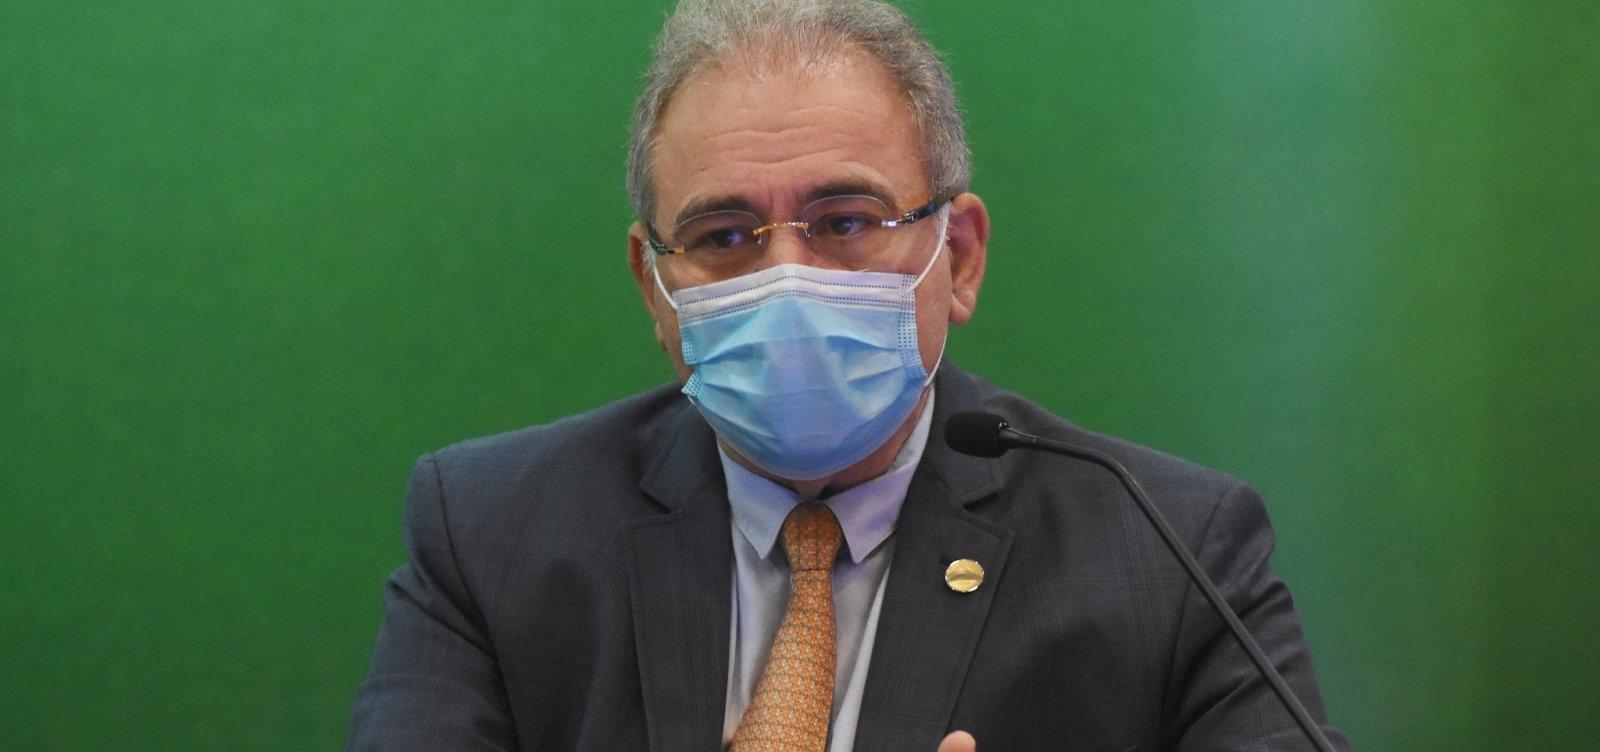 Queiroga diz que 1,5 milhão de brasileiros estão com a segunda dose da vacina atrasada